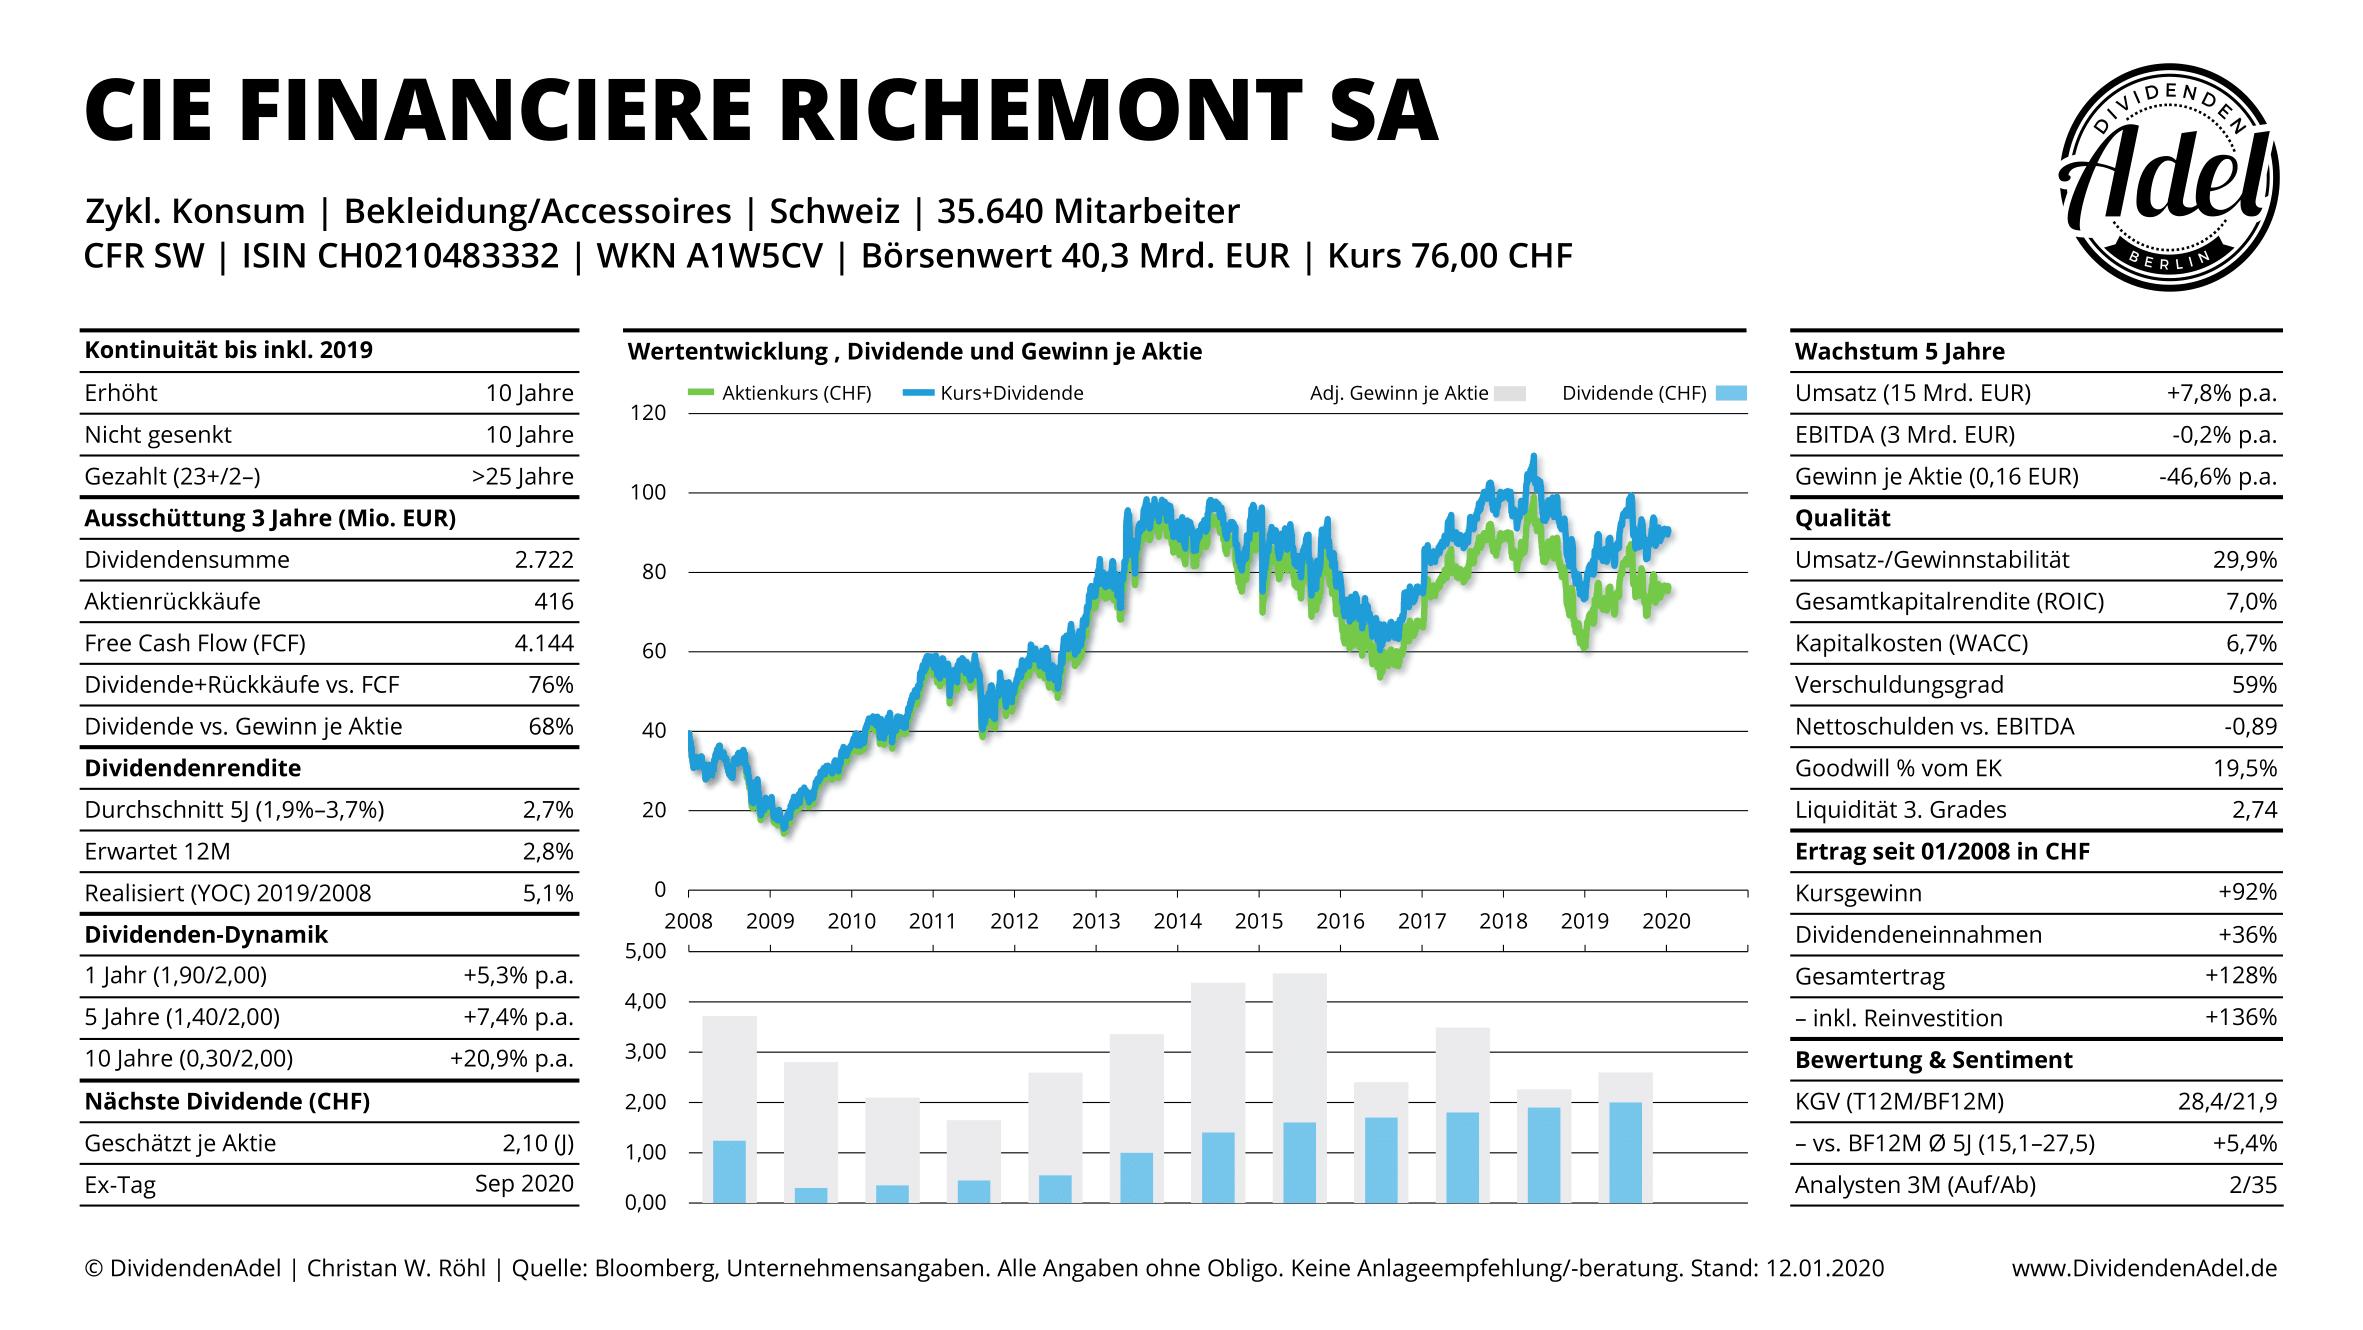 DividendenAdel Schweiz 2020 Richemont